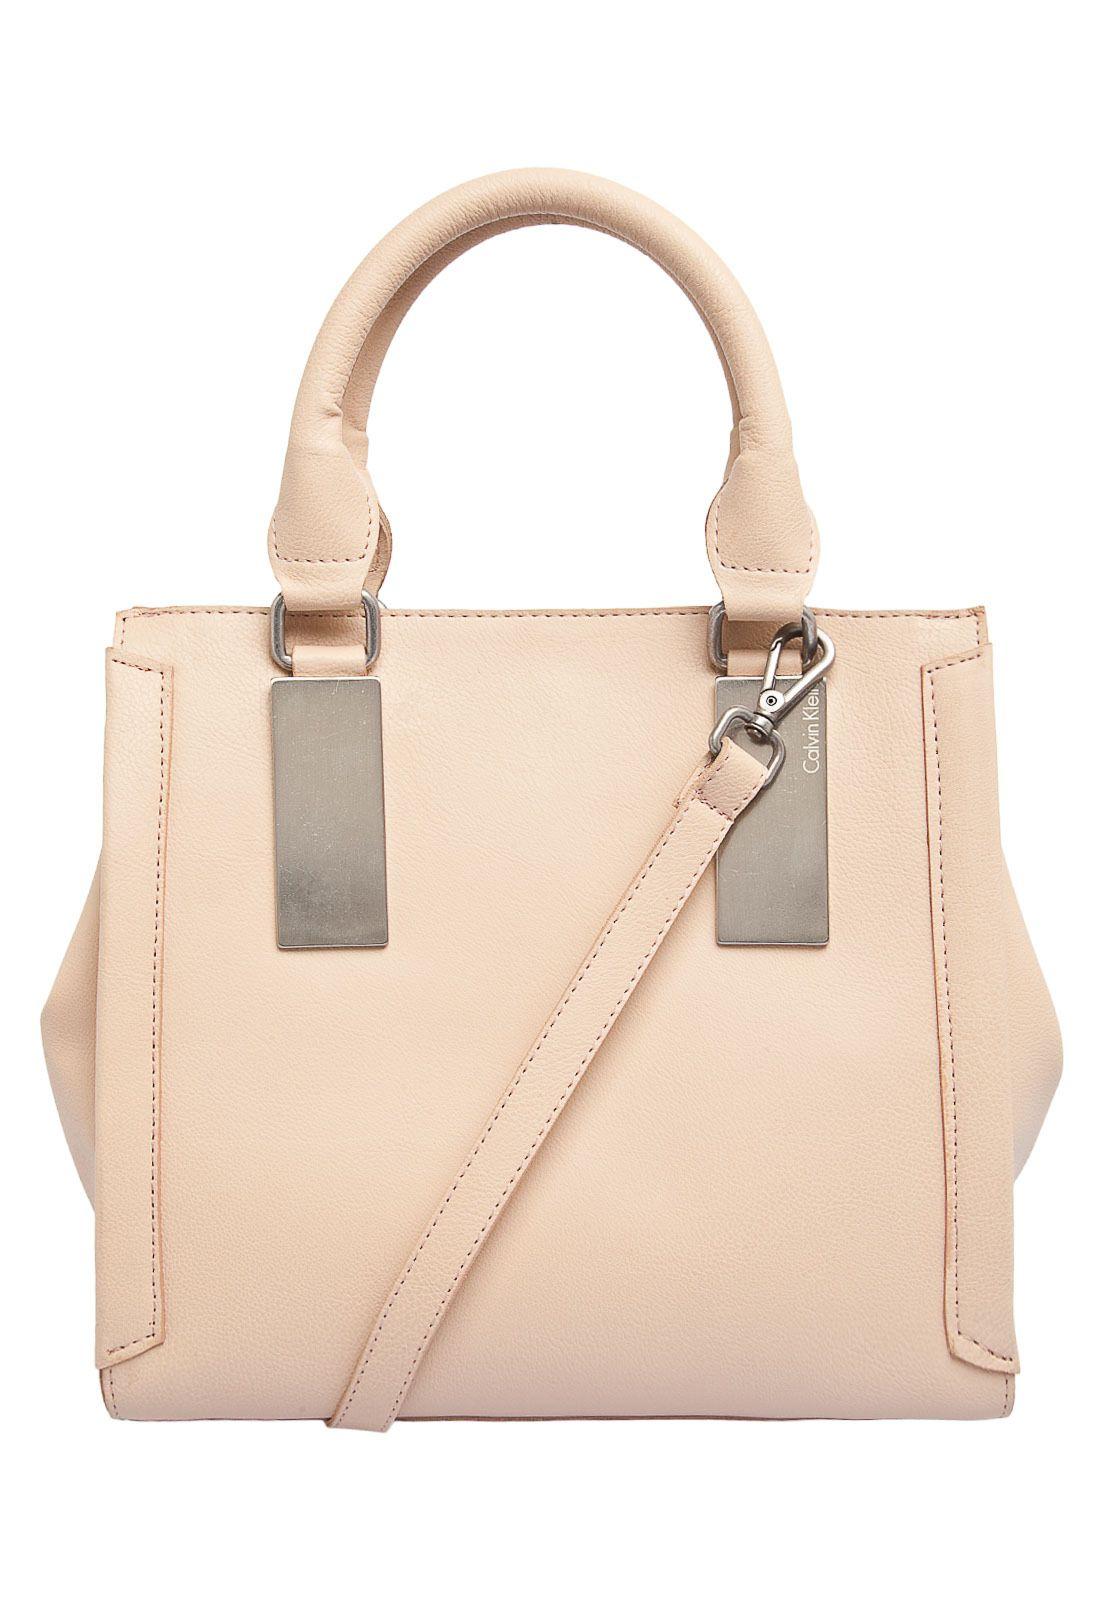 6de73b004 Bolsa Calvin Klein Rosa | My Clothing Style | Bolsa calvin klein ...